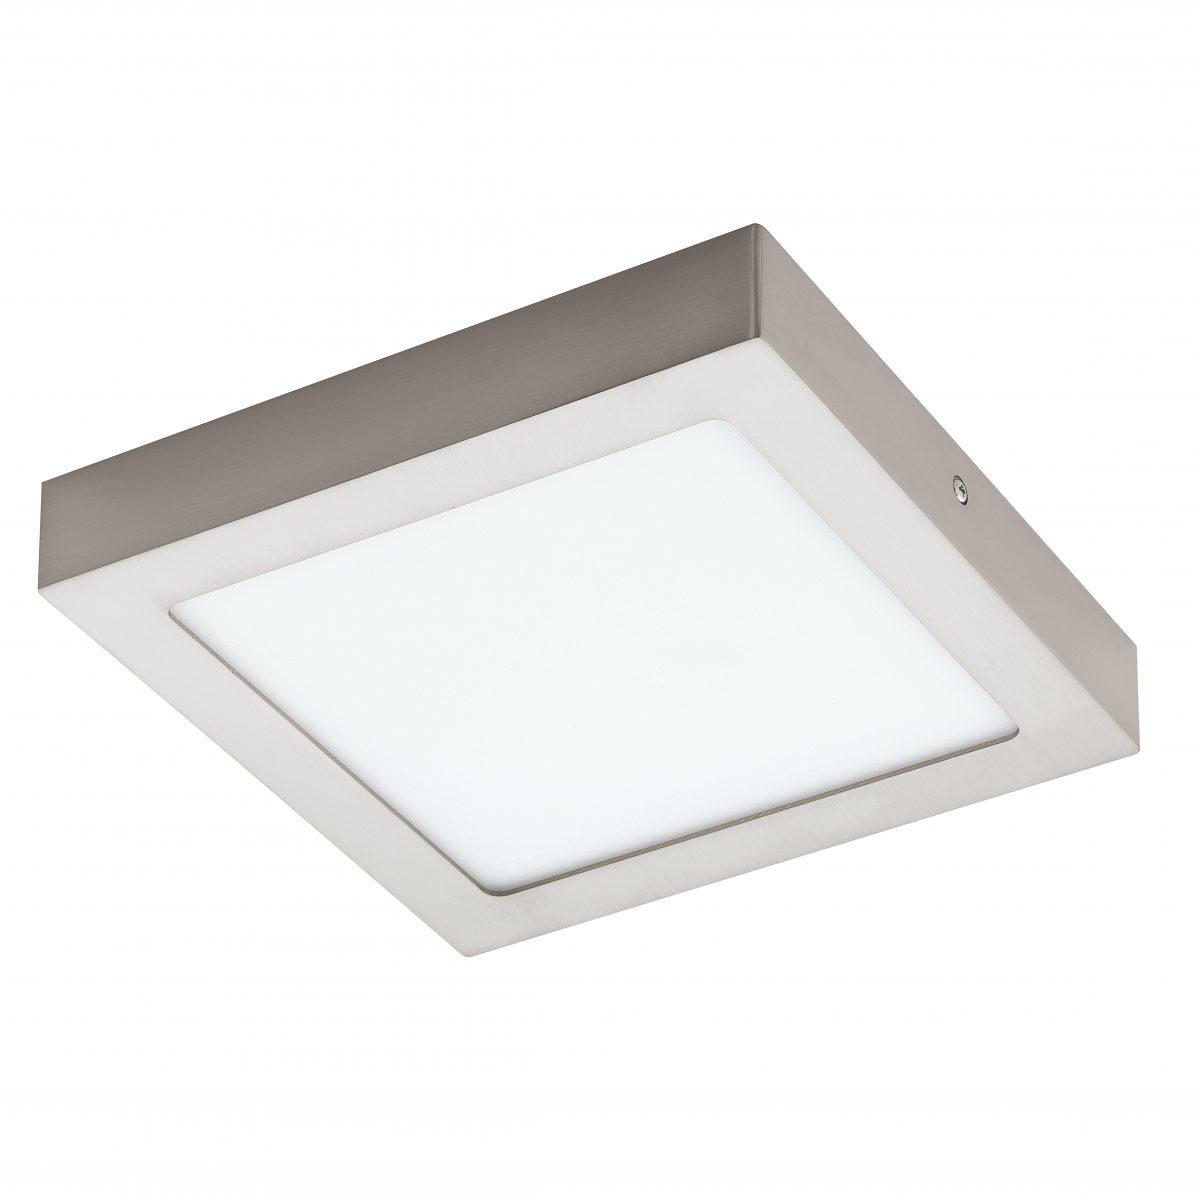 Светильник настенно-потолочный FUEVA 1 EGLO 94526 - Фото №28